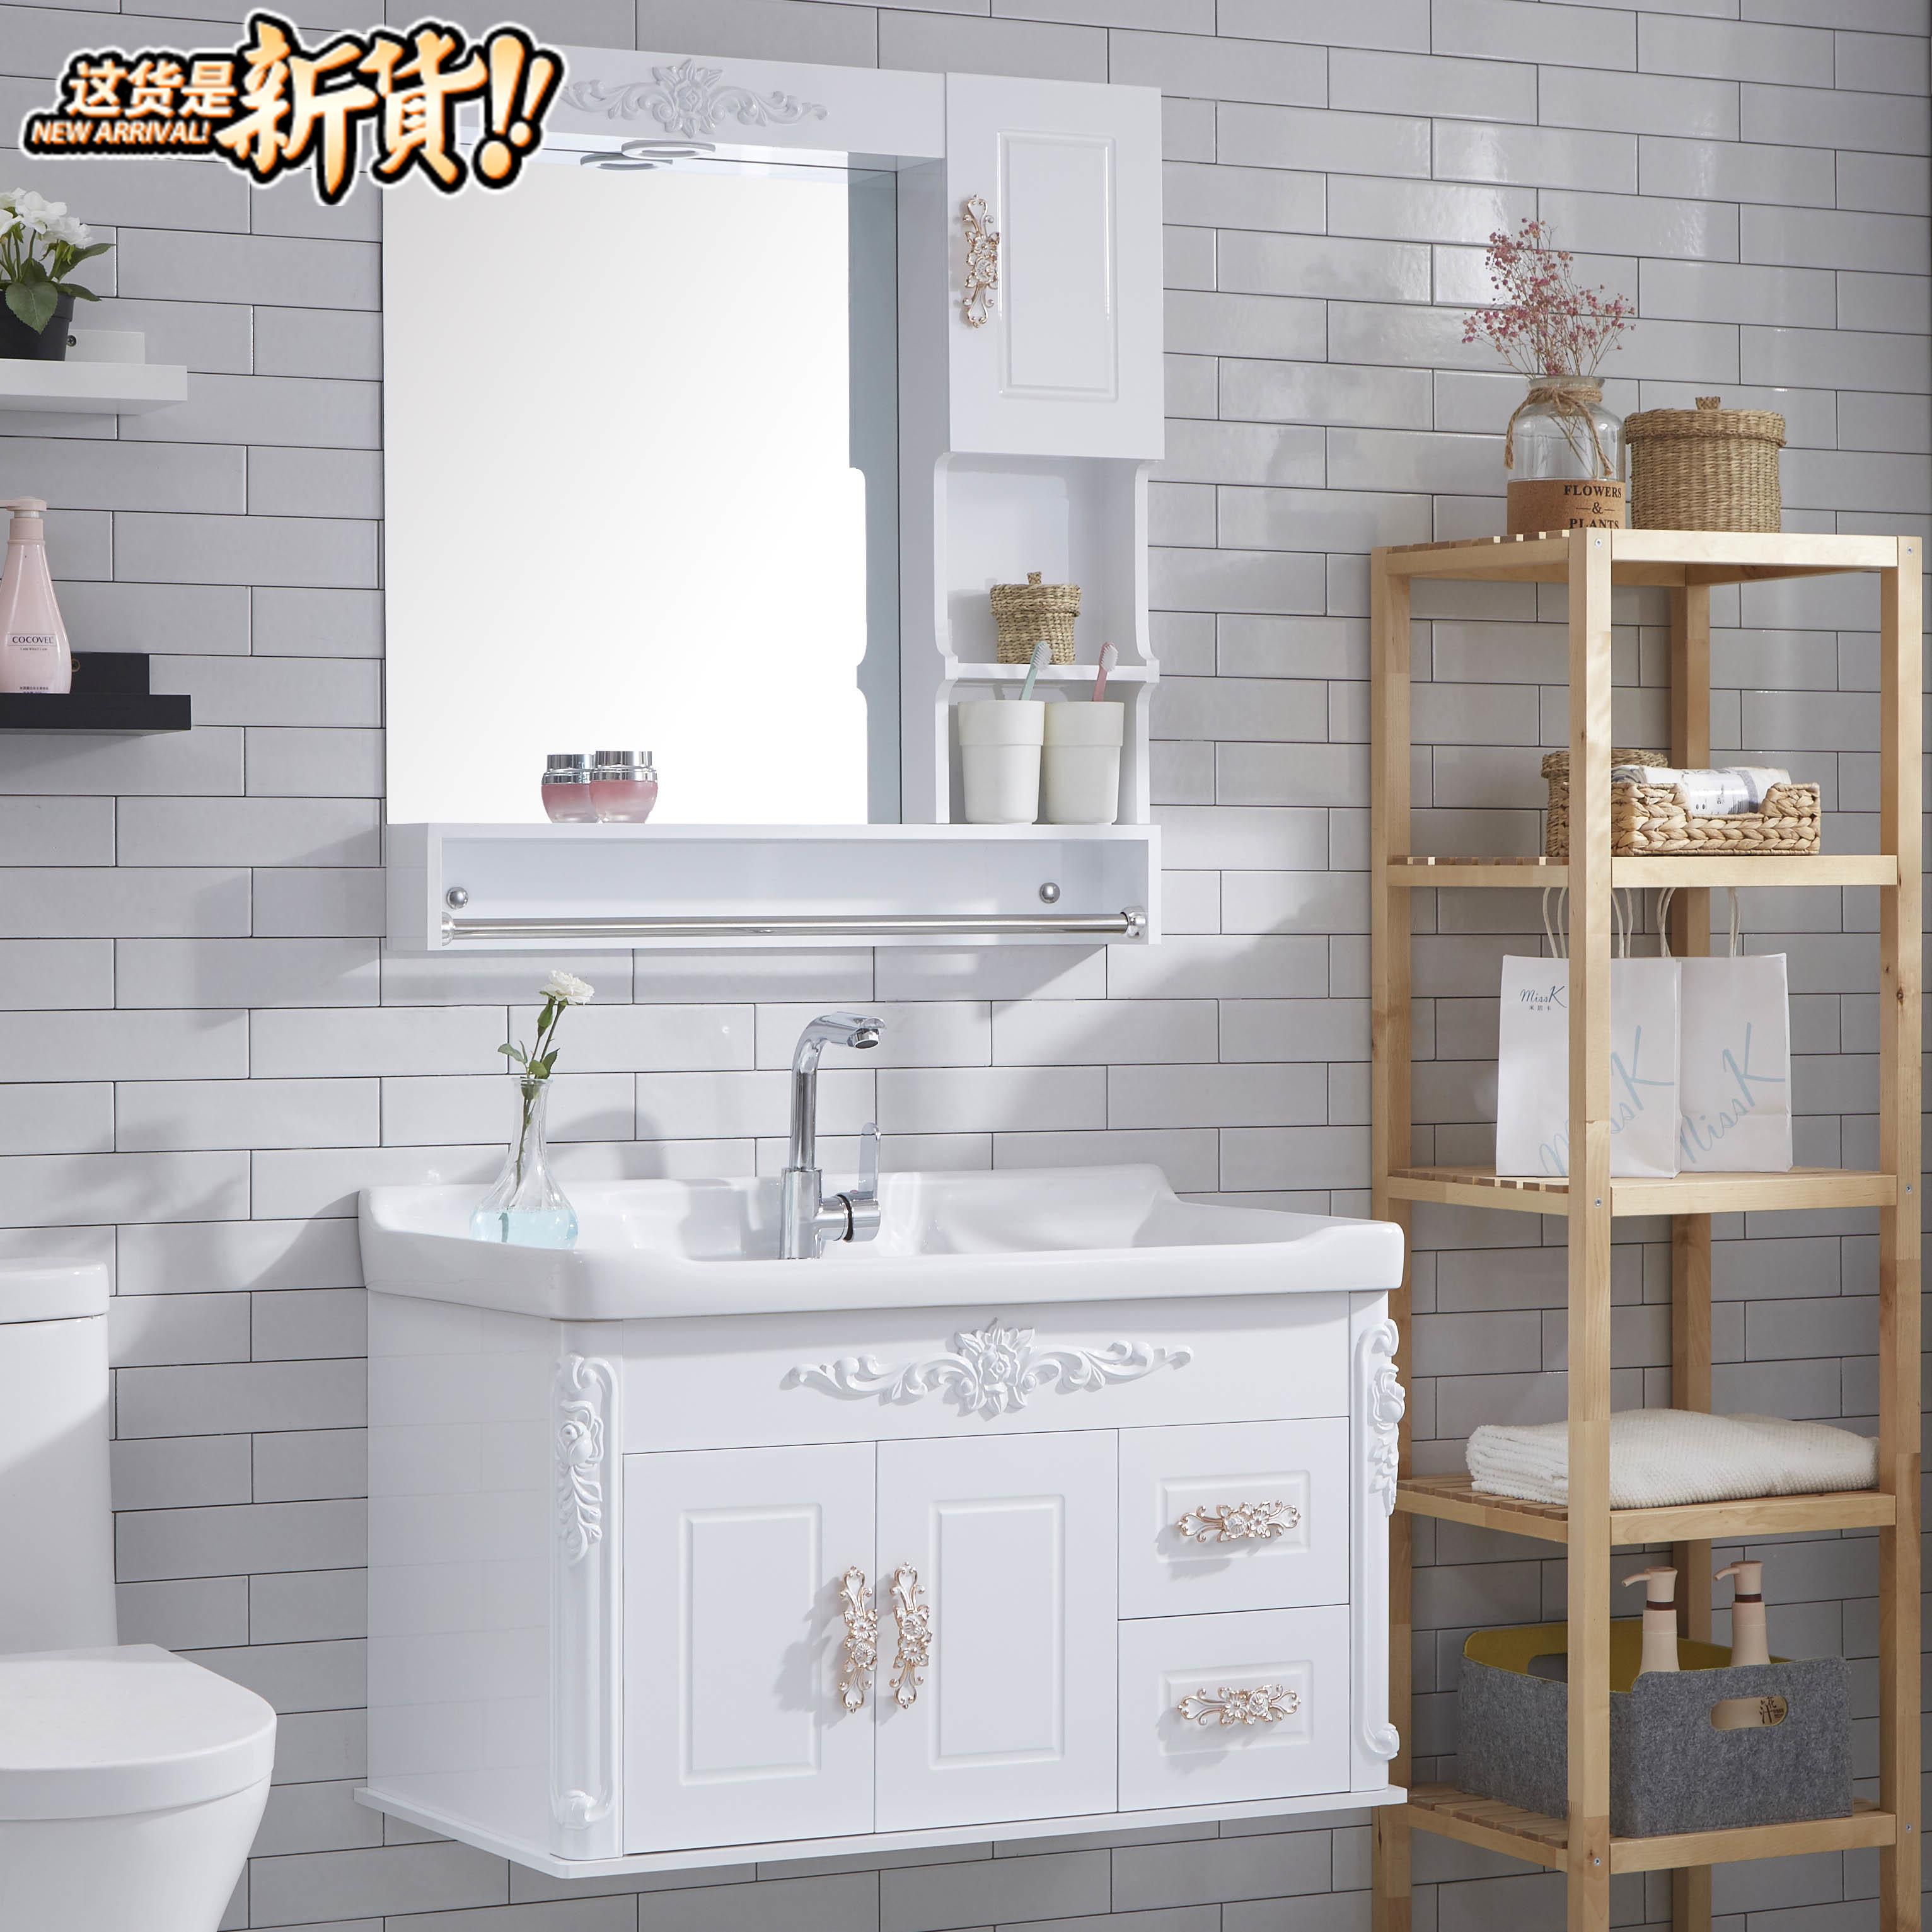 组合pvc欧式厕所卫生间家用浴室柜券后321.17元